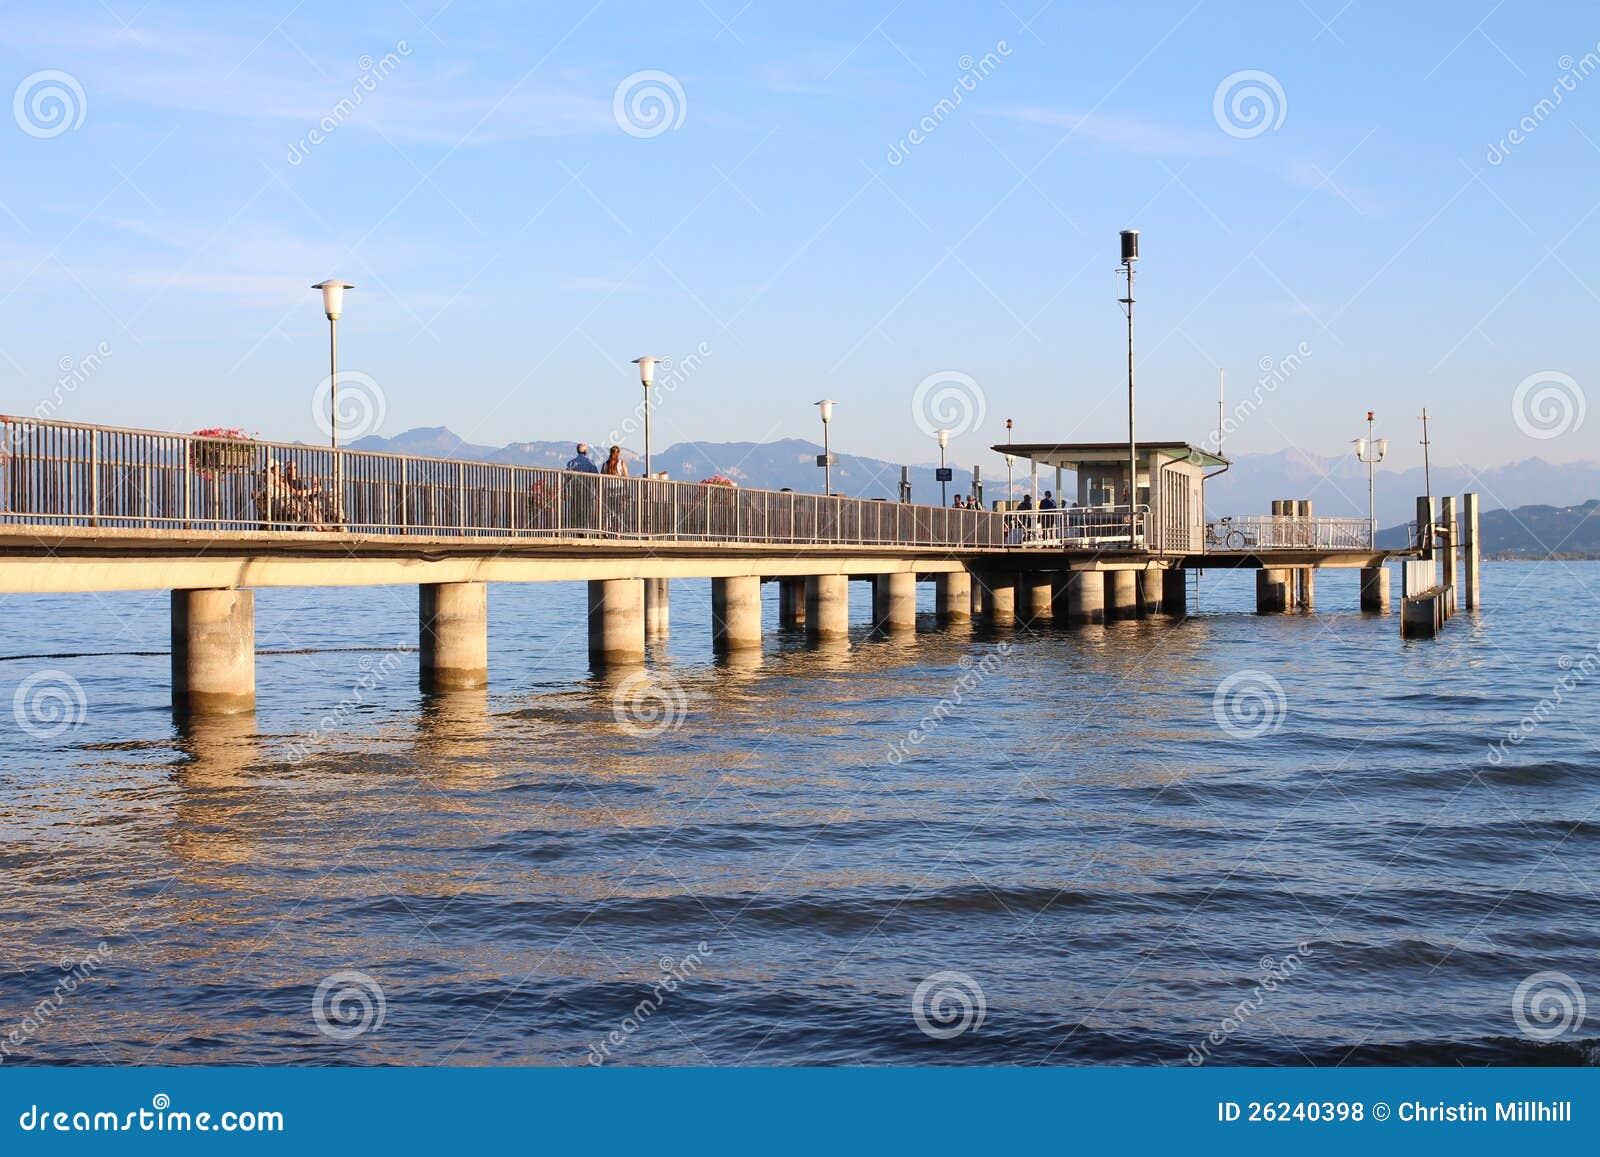 Constance jeziorny Schronienie